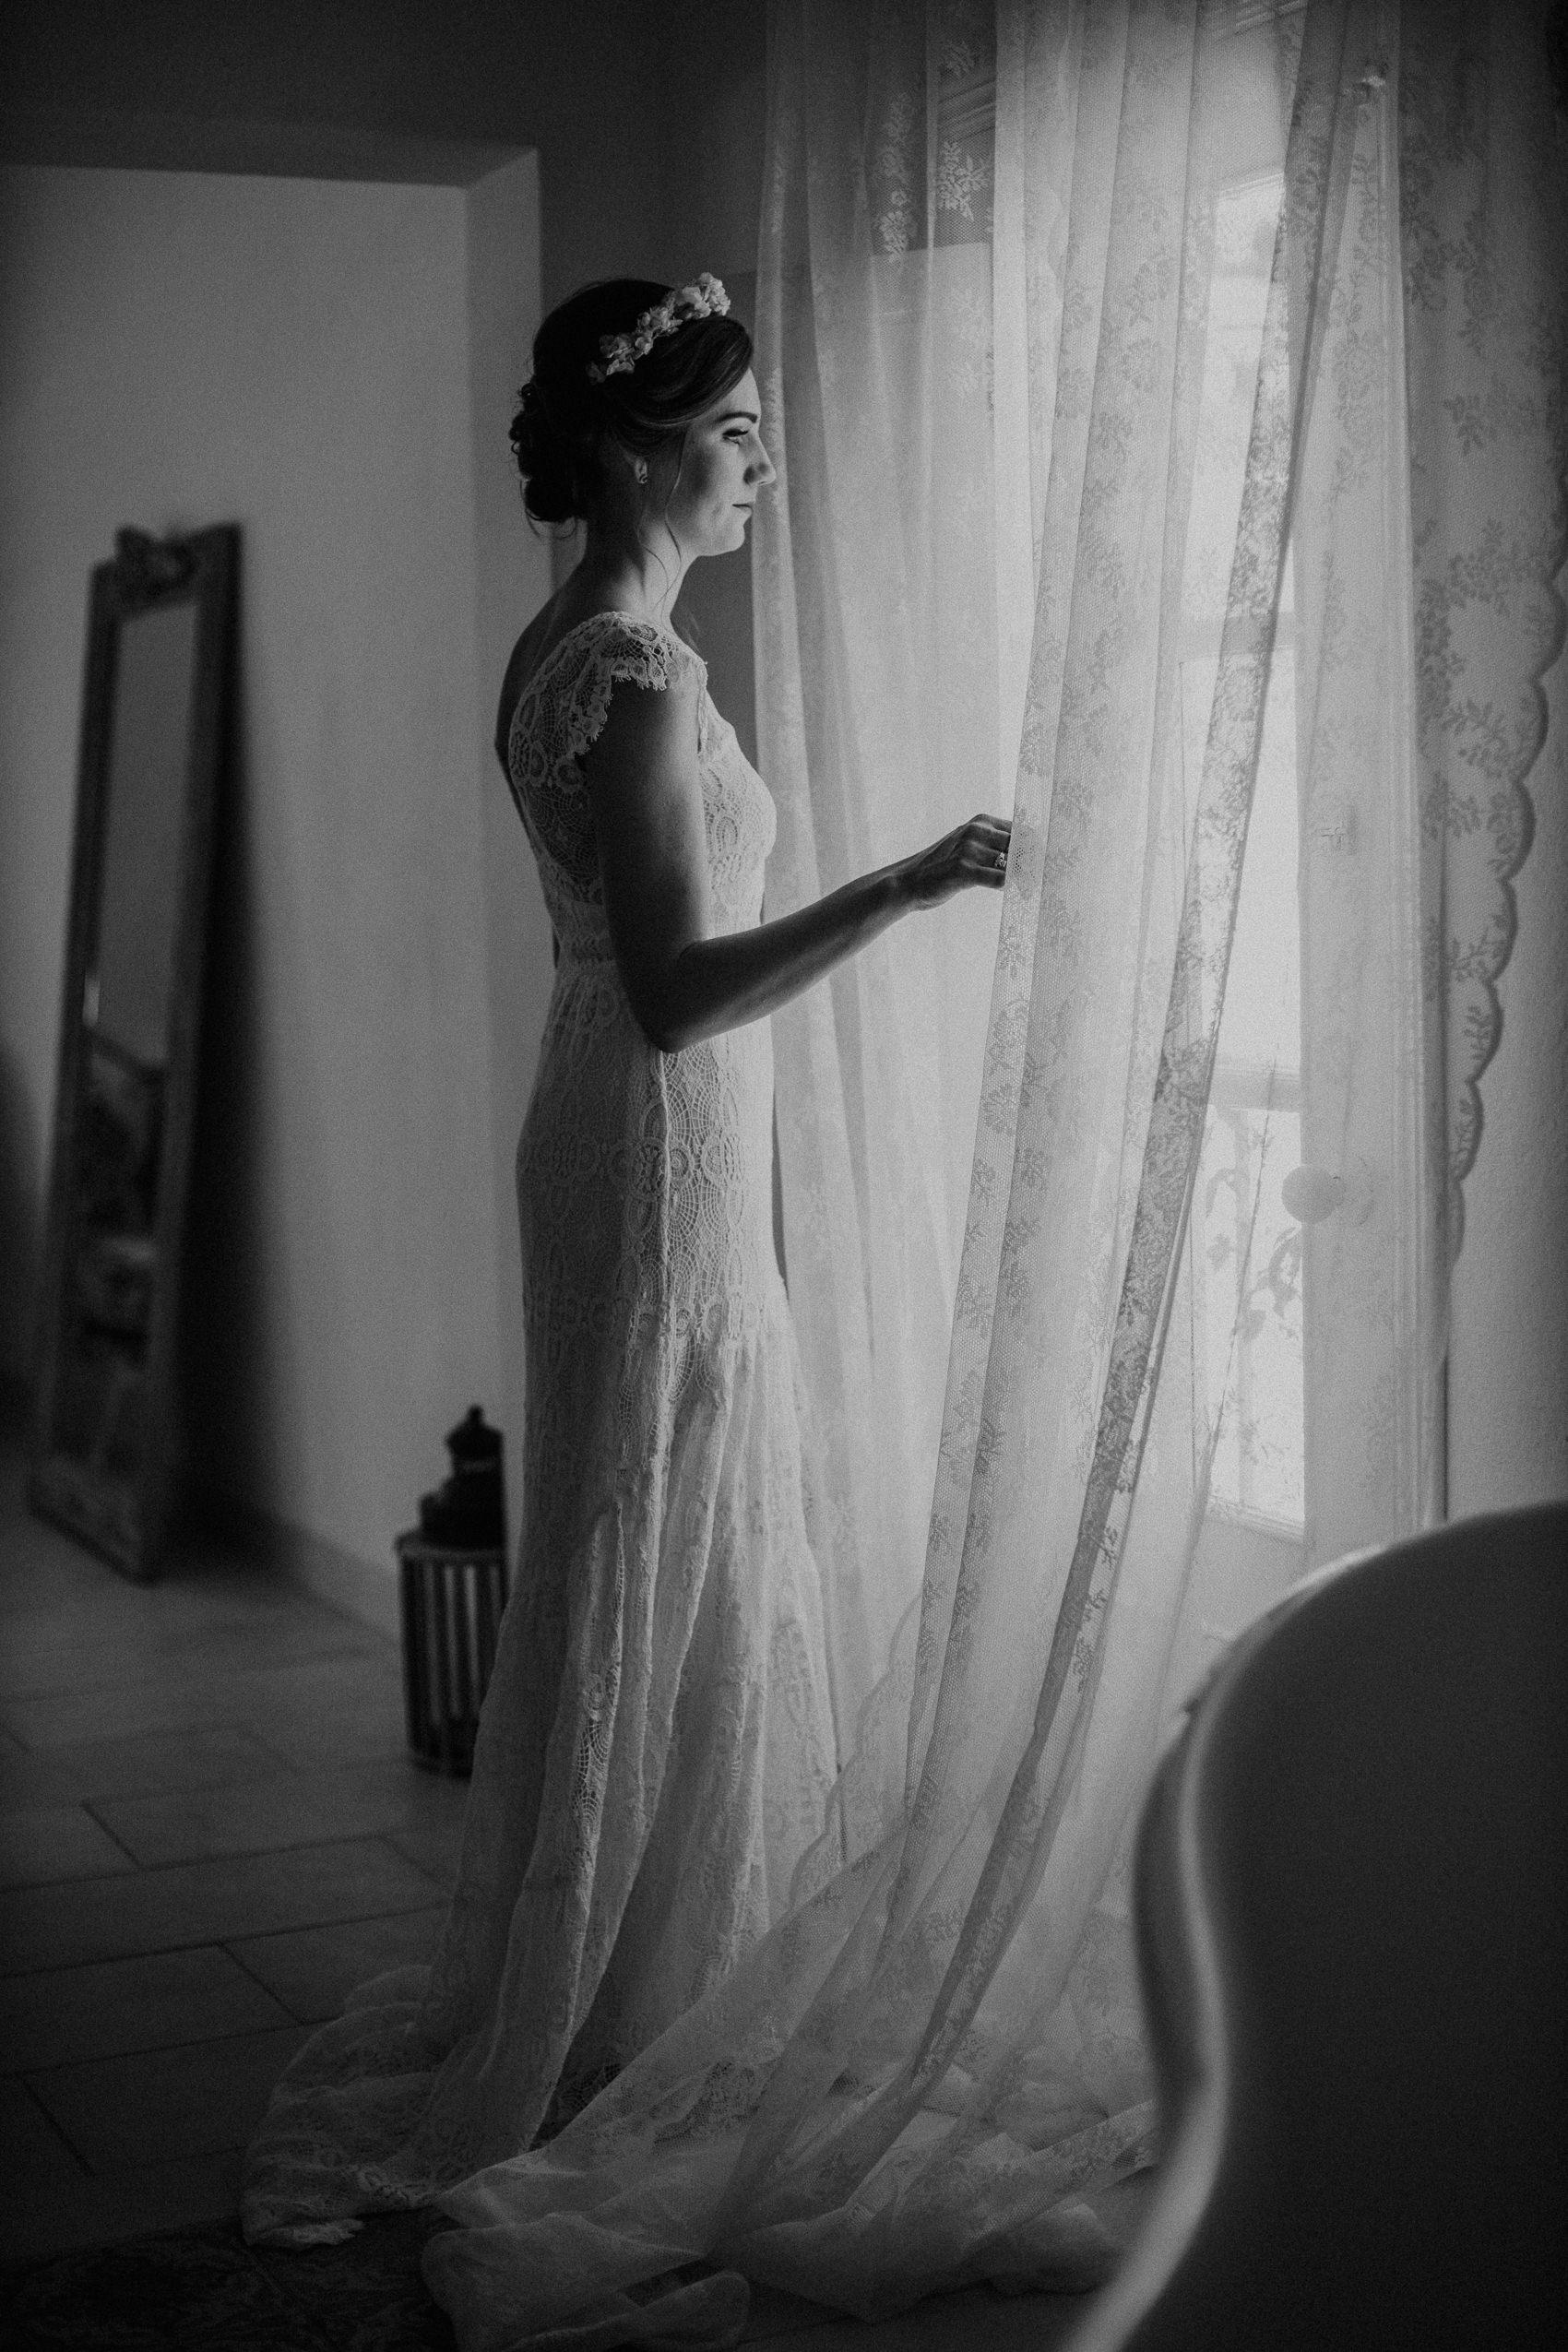 Sarah & Bill | Summer wedding at Cortijo Rosa Blanca | Marbella - Spain 55